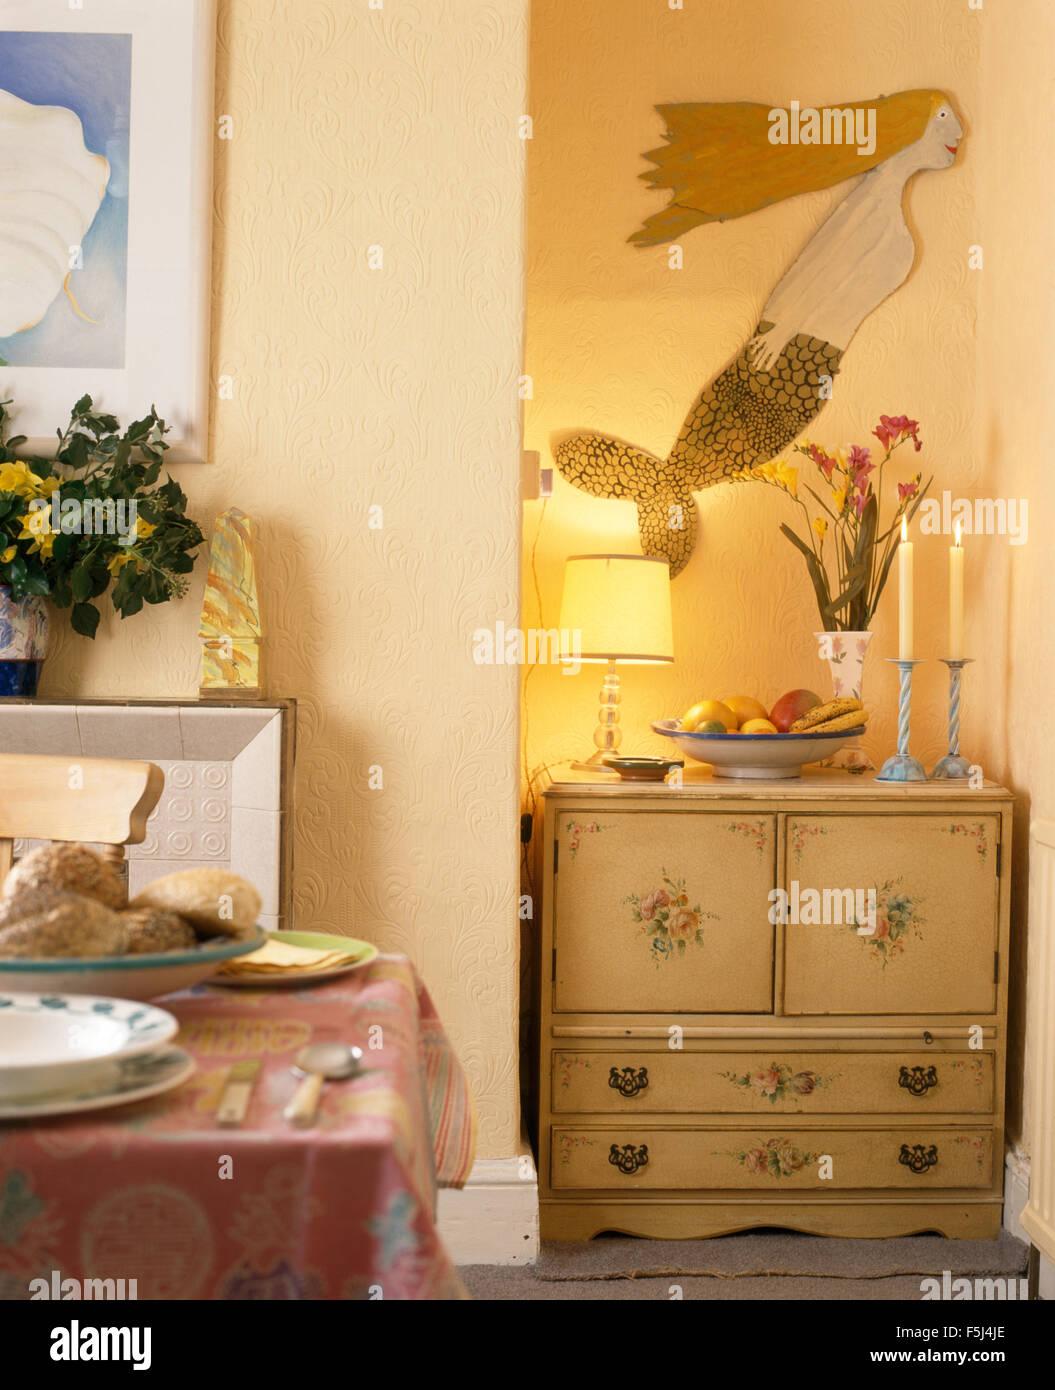 Mermaid Mural Stock Photos & Mermaid Mural Stock Images - Alamy